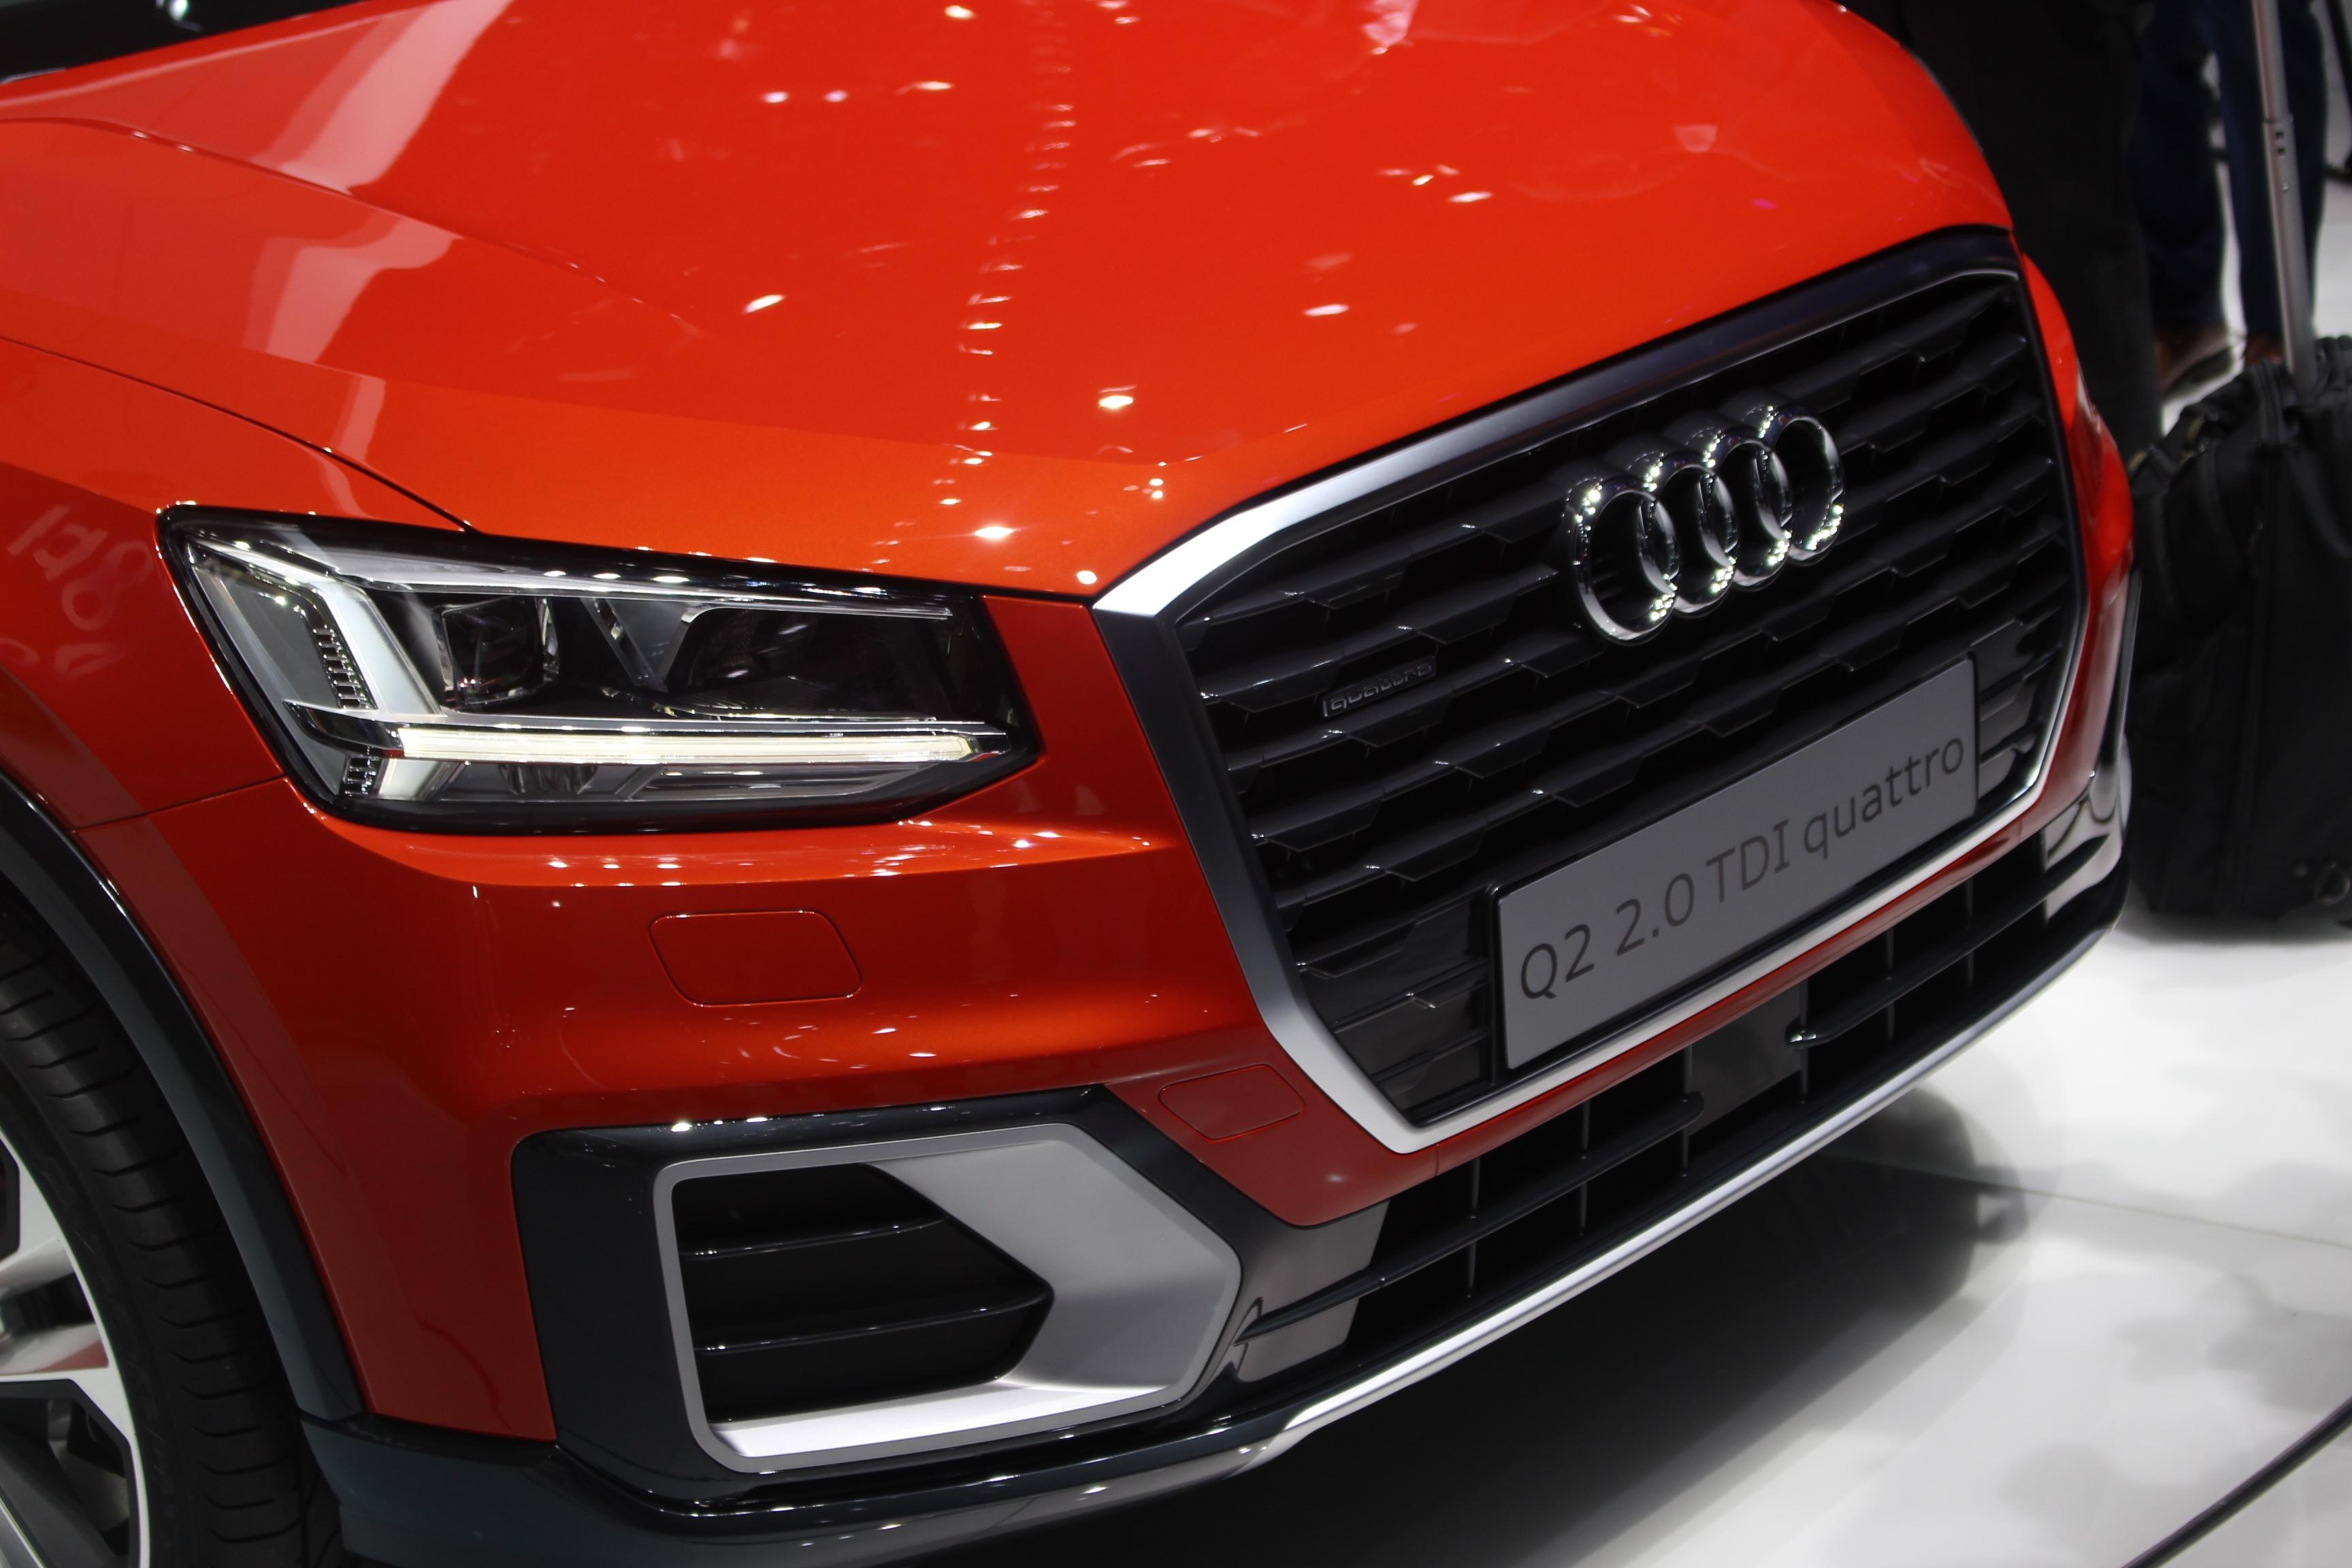 2016 - [Audi] Q2 - Page 14 S0-audi-q2-rendez-vous-le-1er-mars-a-9h30-pour-le-decouvrir-en-live-du-salon-de-geneve-2016-373081